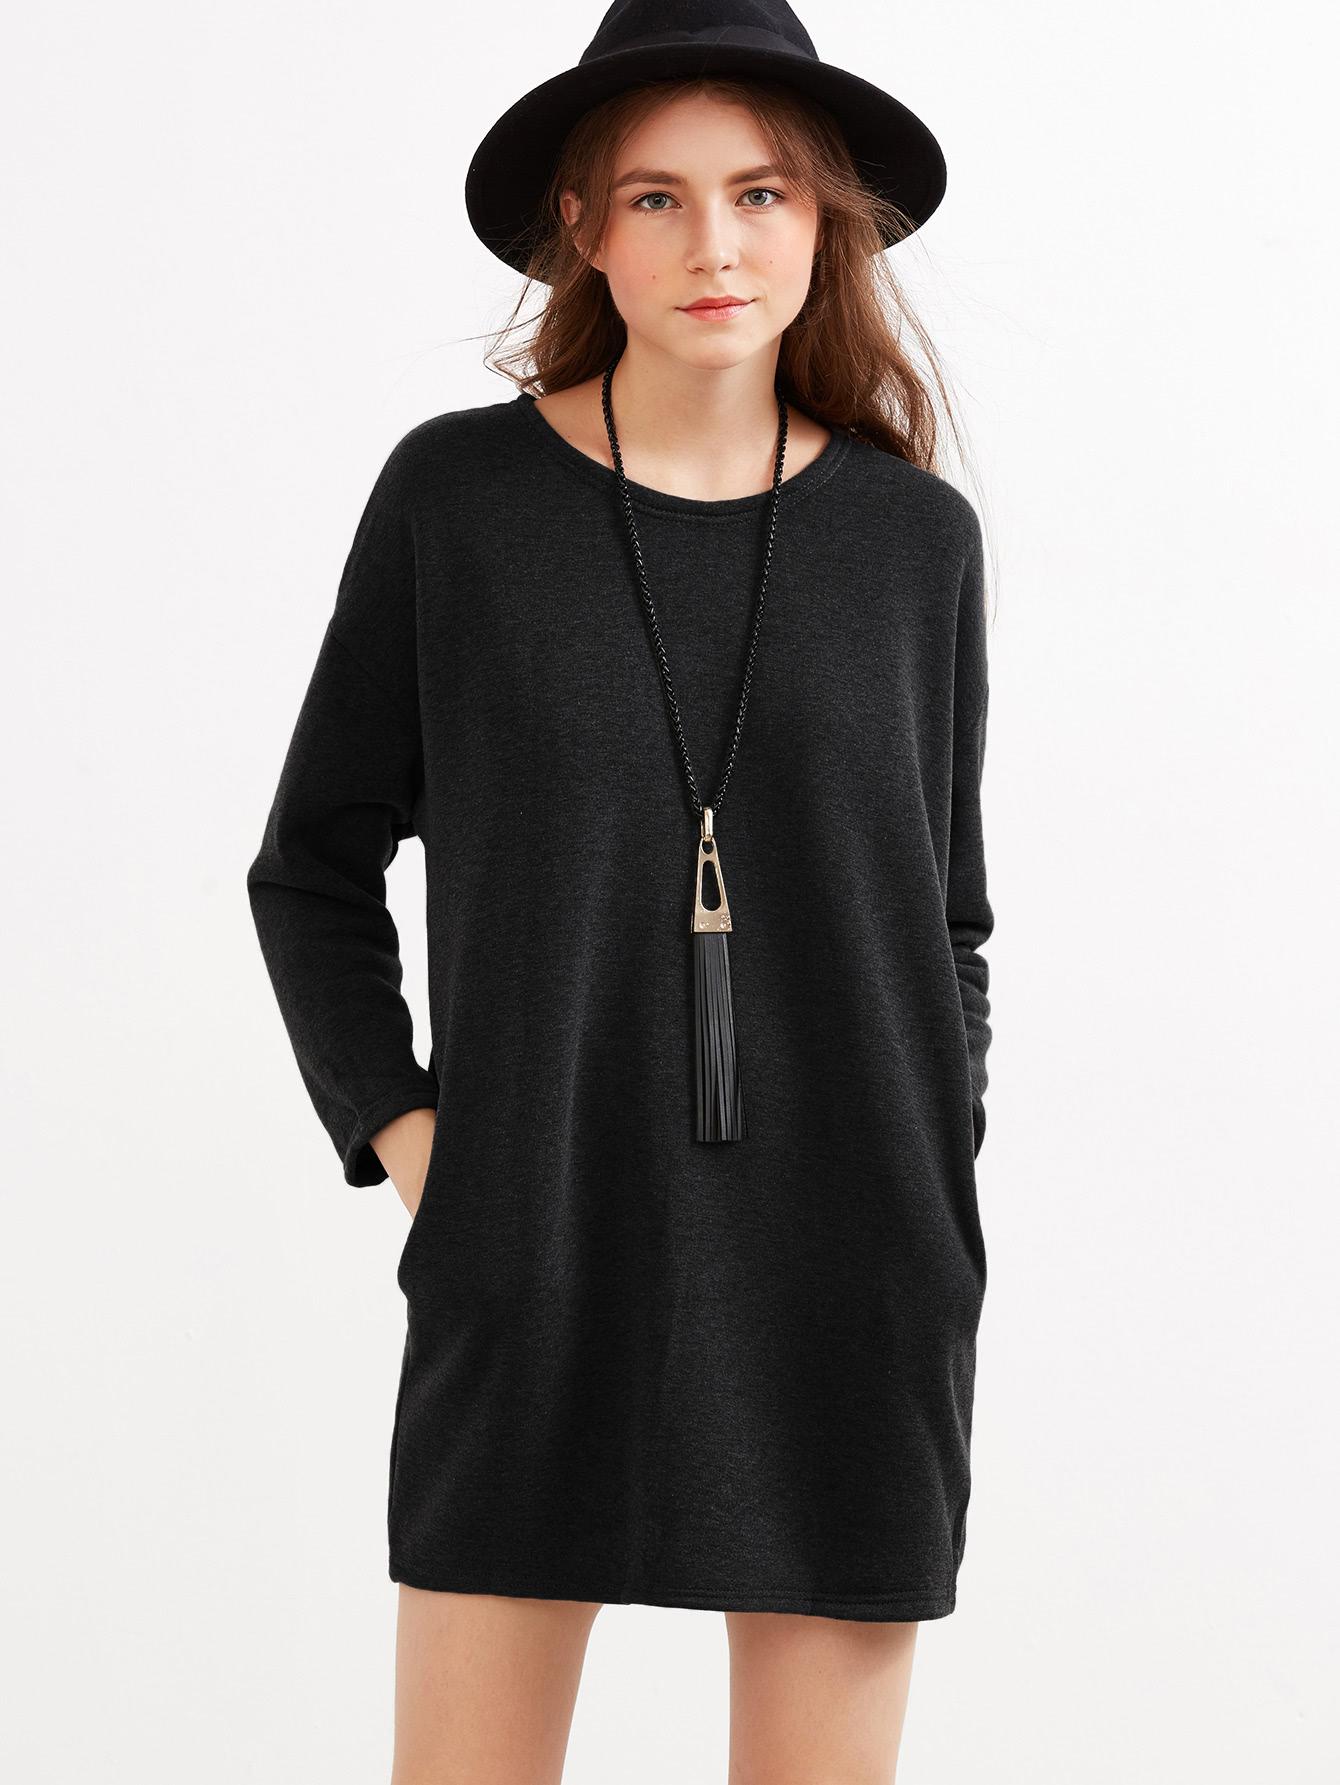 Drop Shoulder Marled Knit Dress drop shoulder marled sweatshirt dress with corset belt